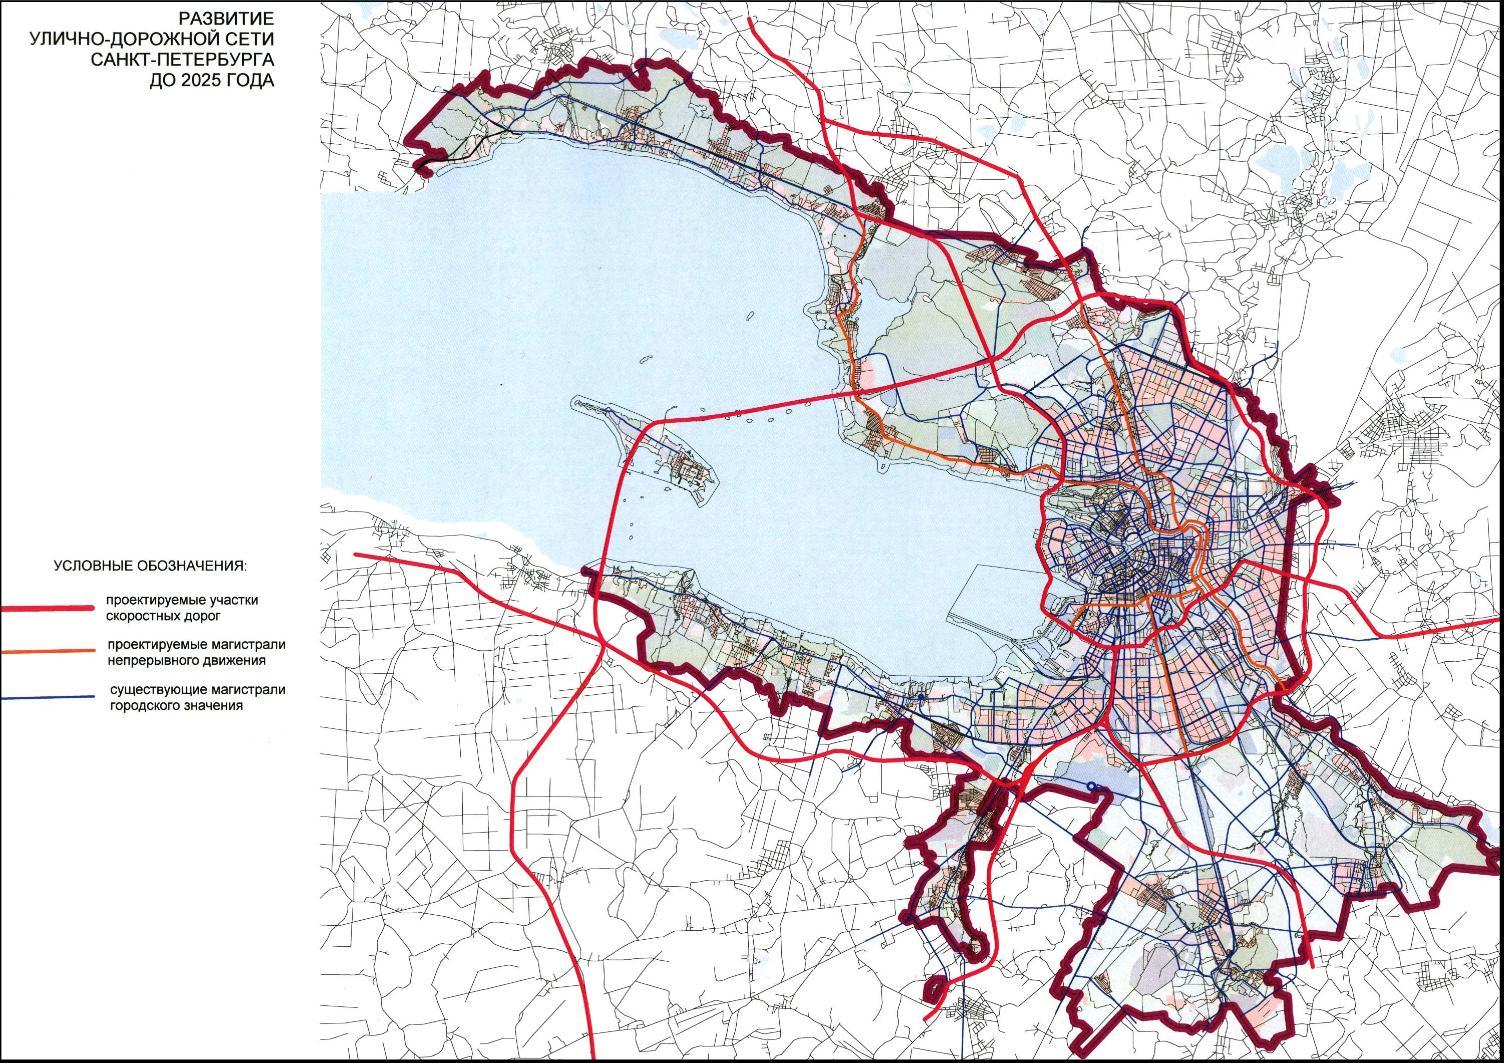 Схема метро будущего петербурга фото 584